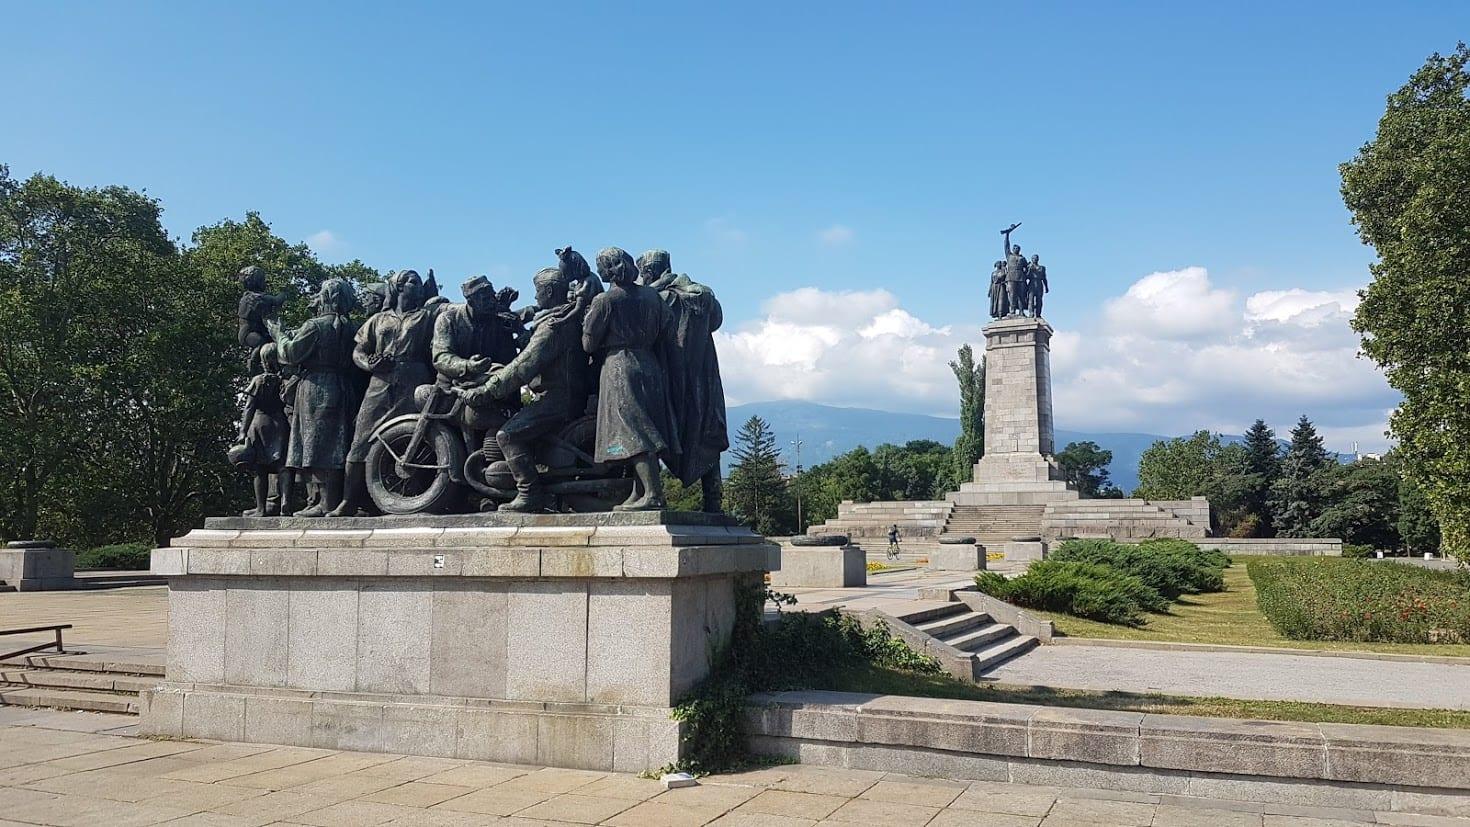 Knyazheska Garden in Sofia in Bulgaria